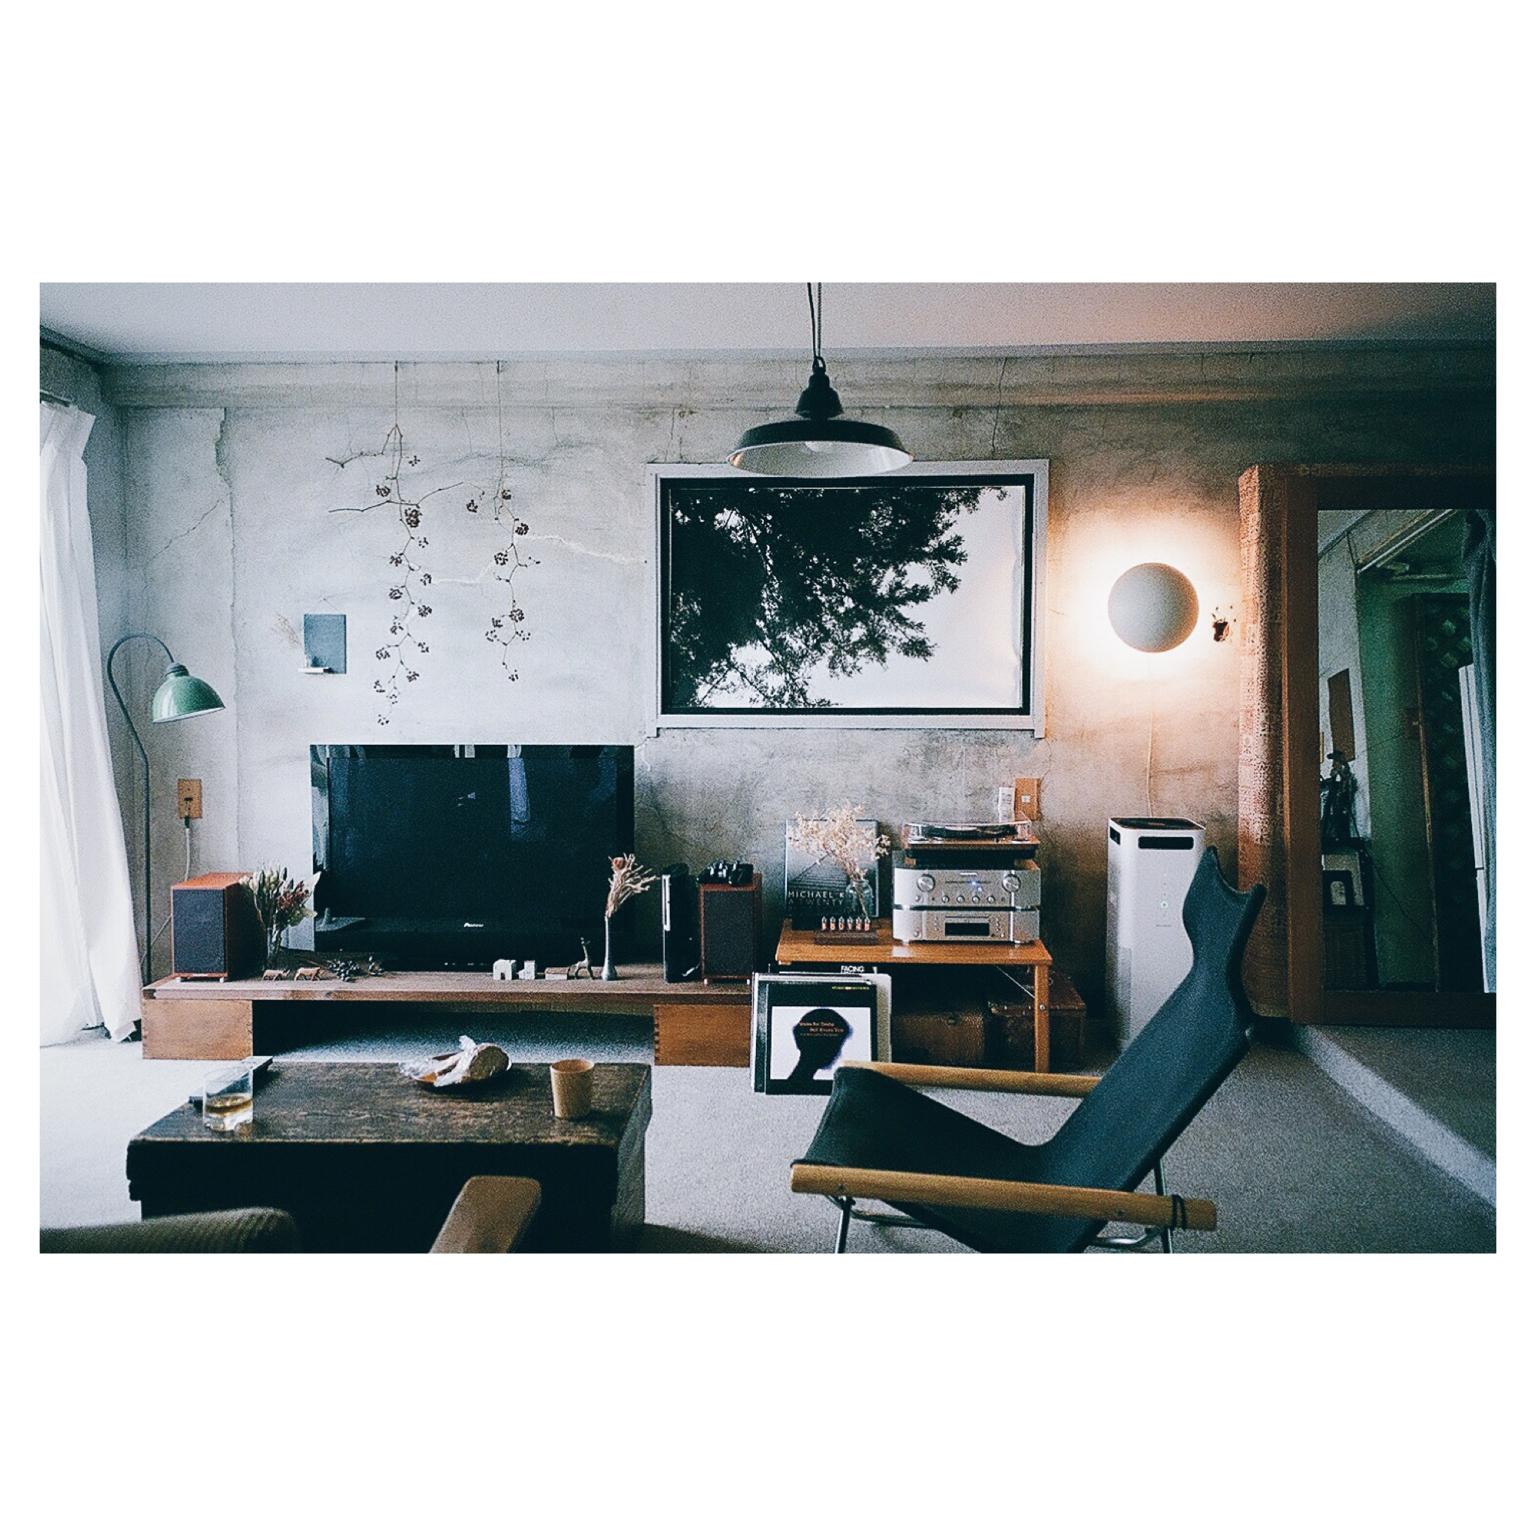 【テレビ周り】生活感を出さないスタイリッシュなインテリアのサムネイル画像